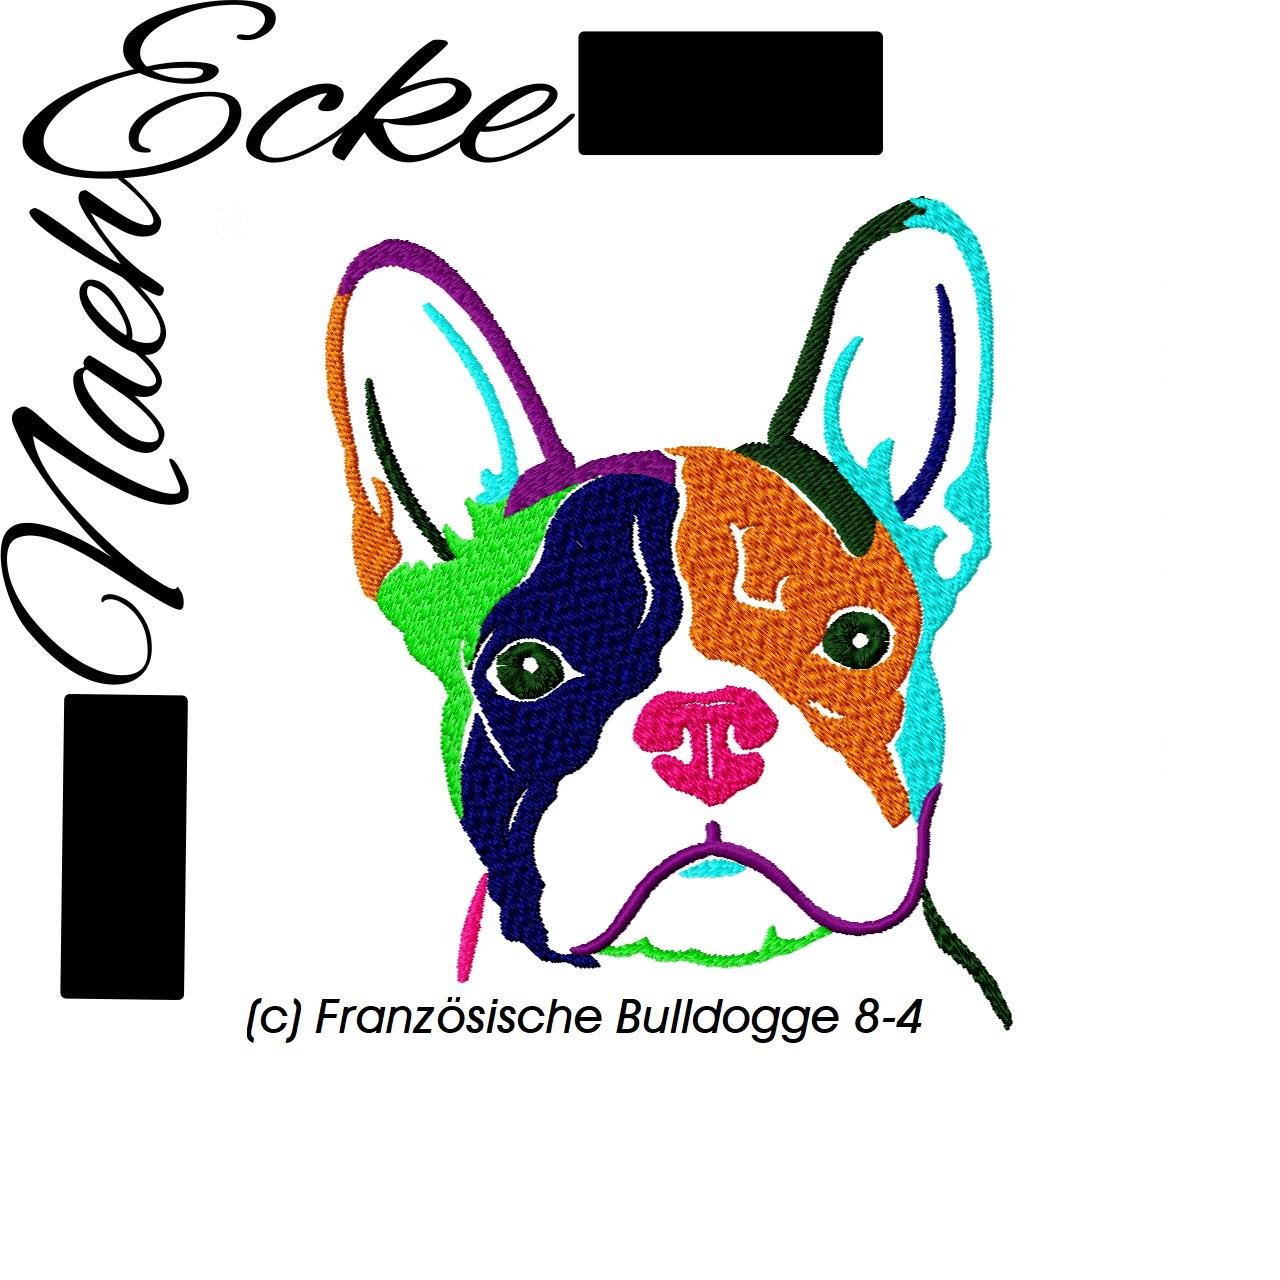 Französische Bulldogge 8-4